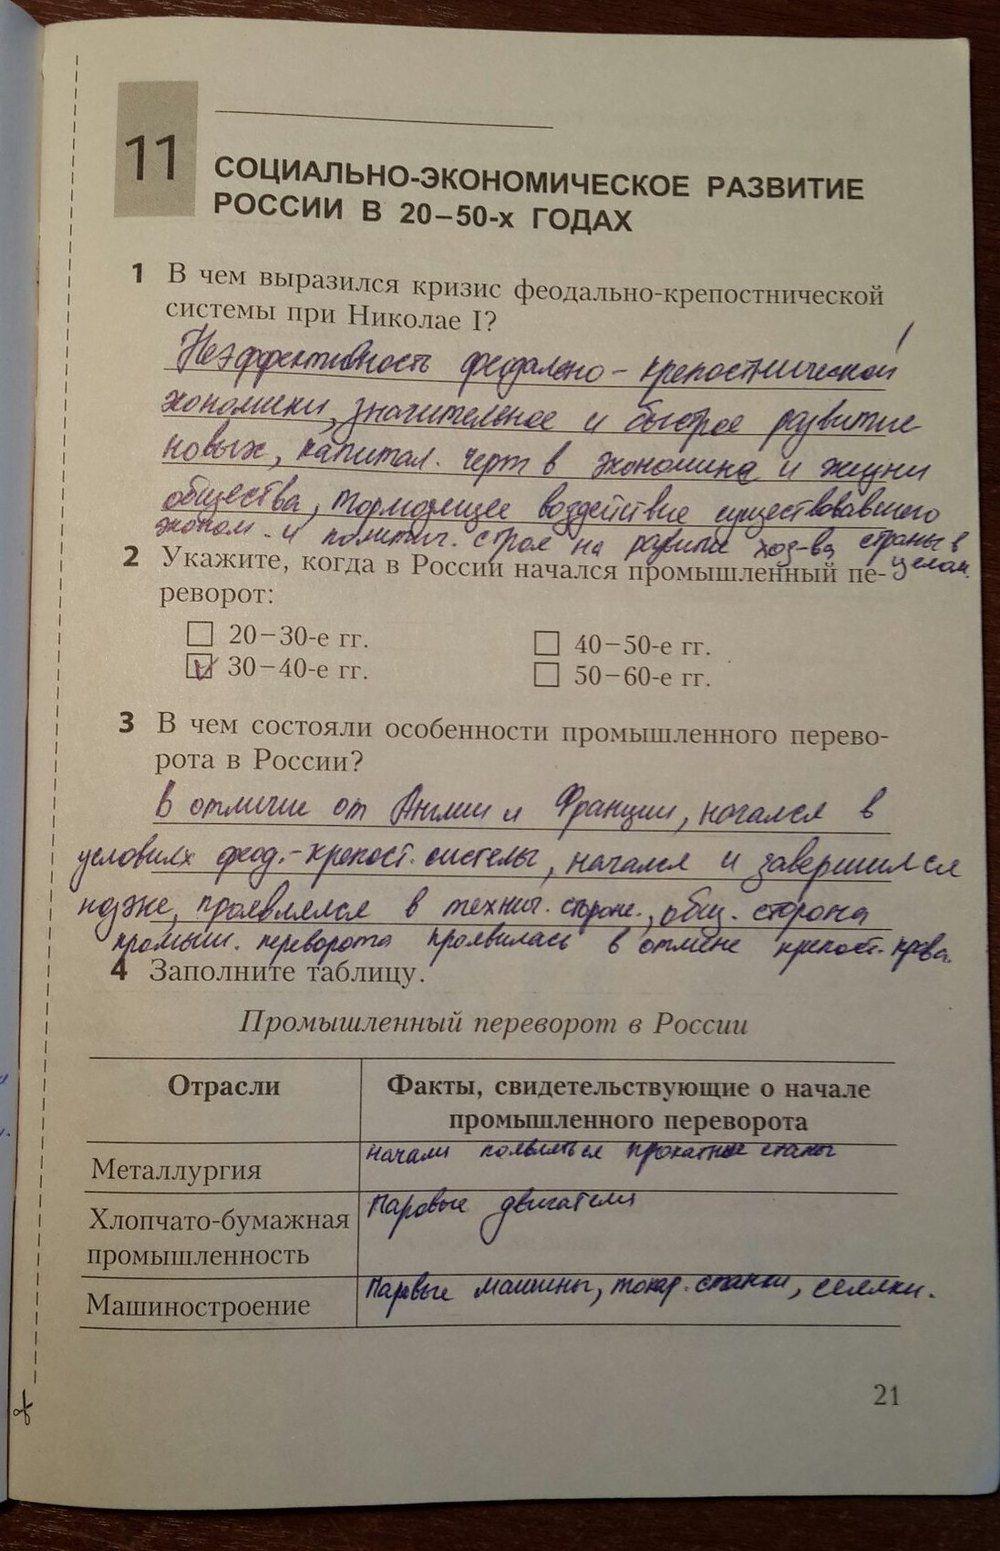 Гдз по истории 9 класс рабочая тетрадь репин онлайн история росии